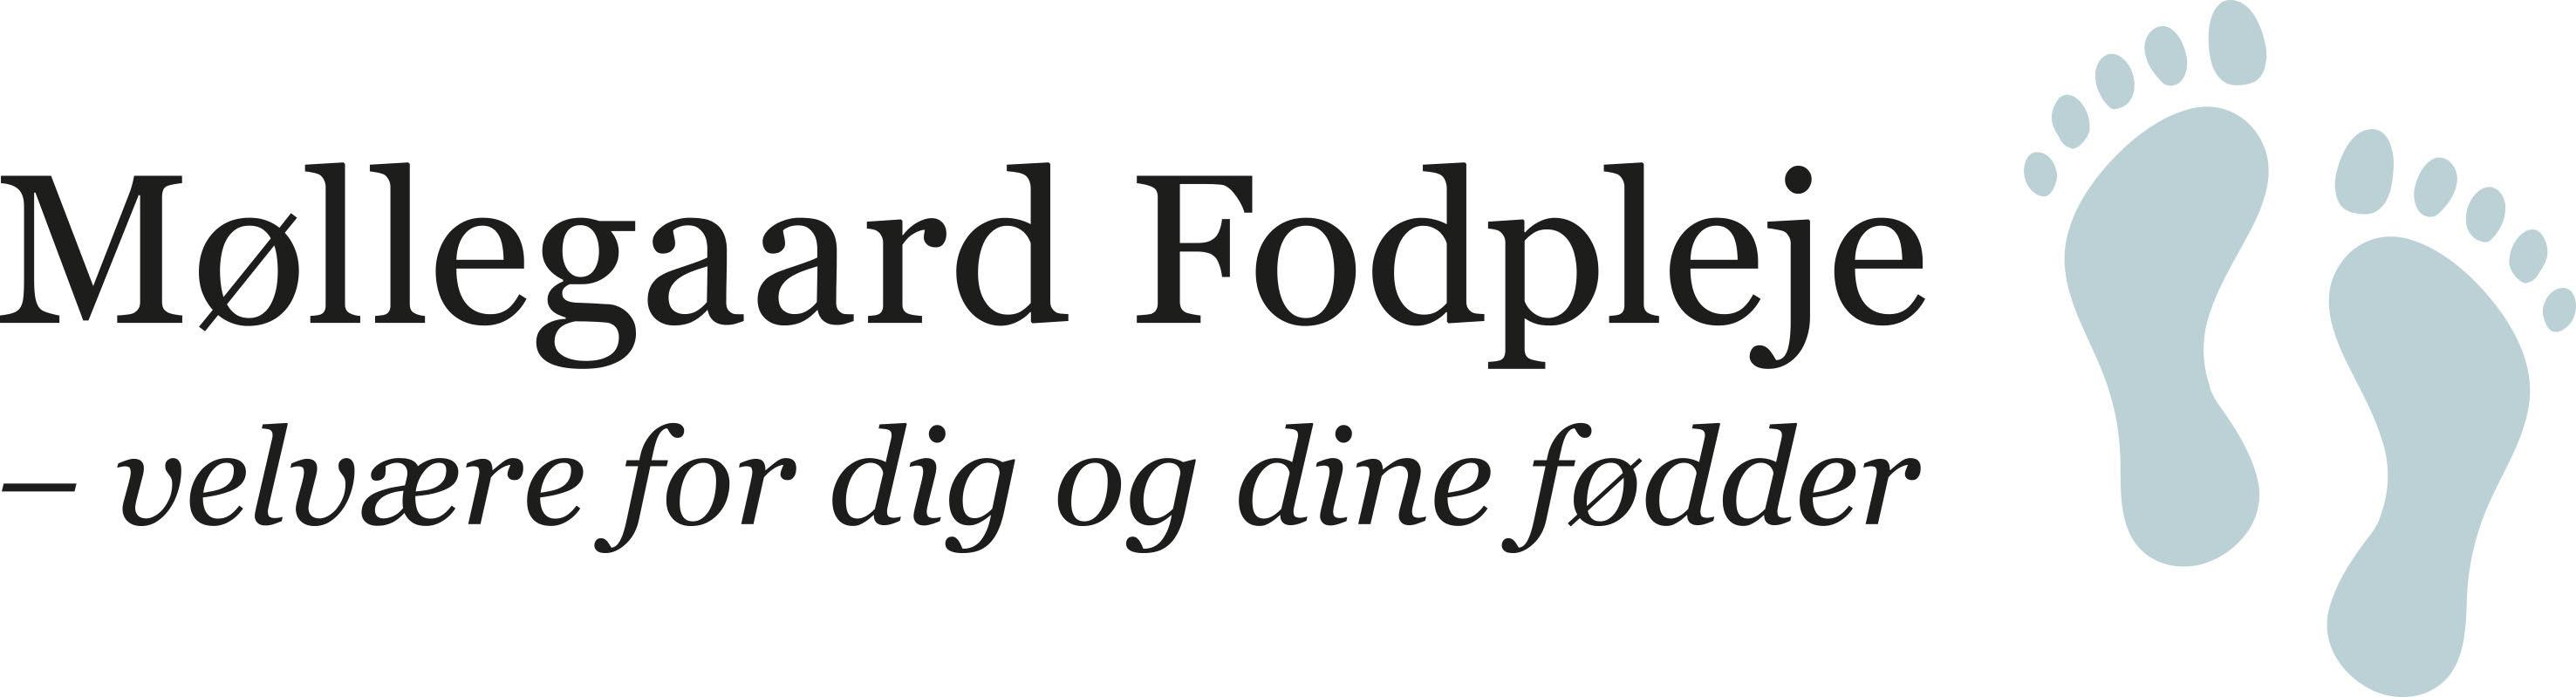 Møllegaard Fodpleje